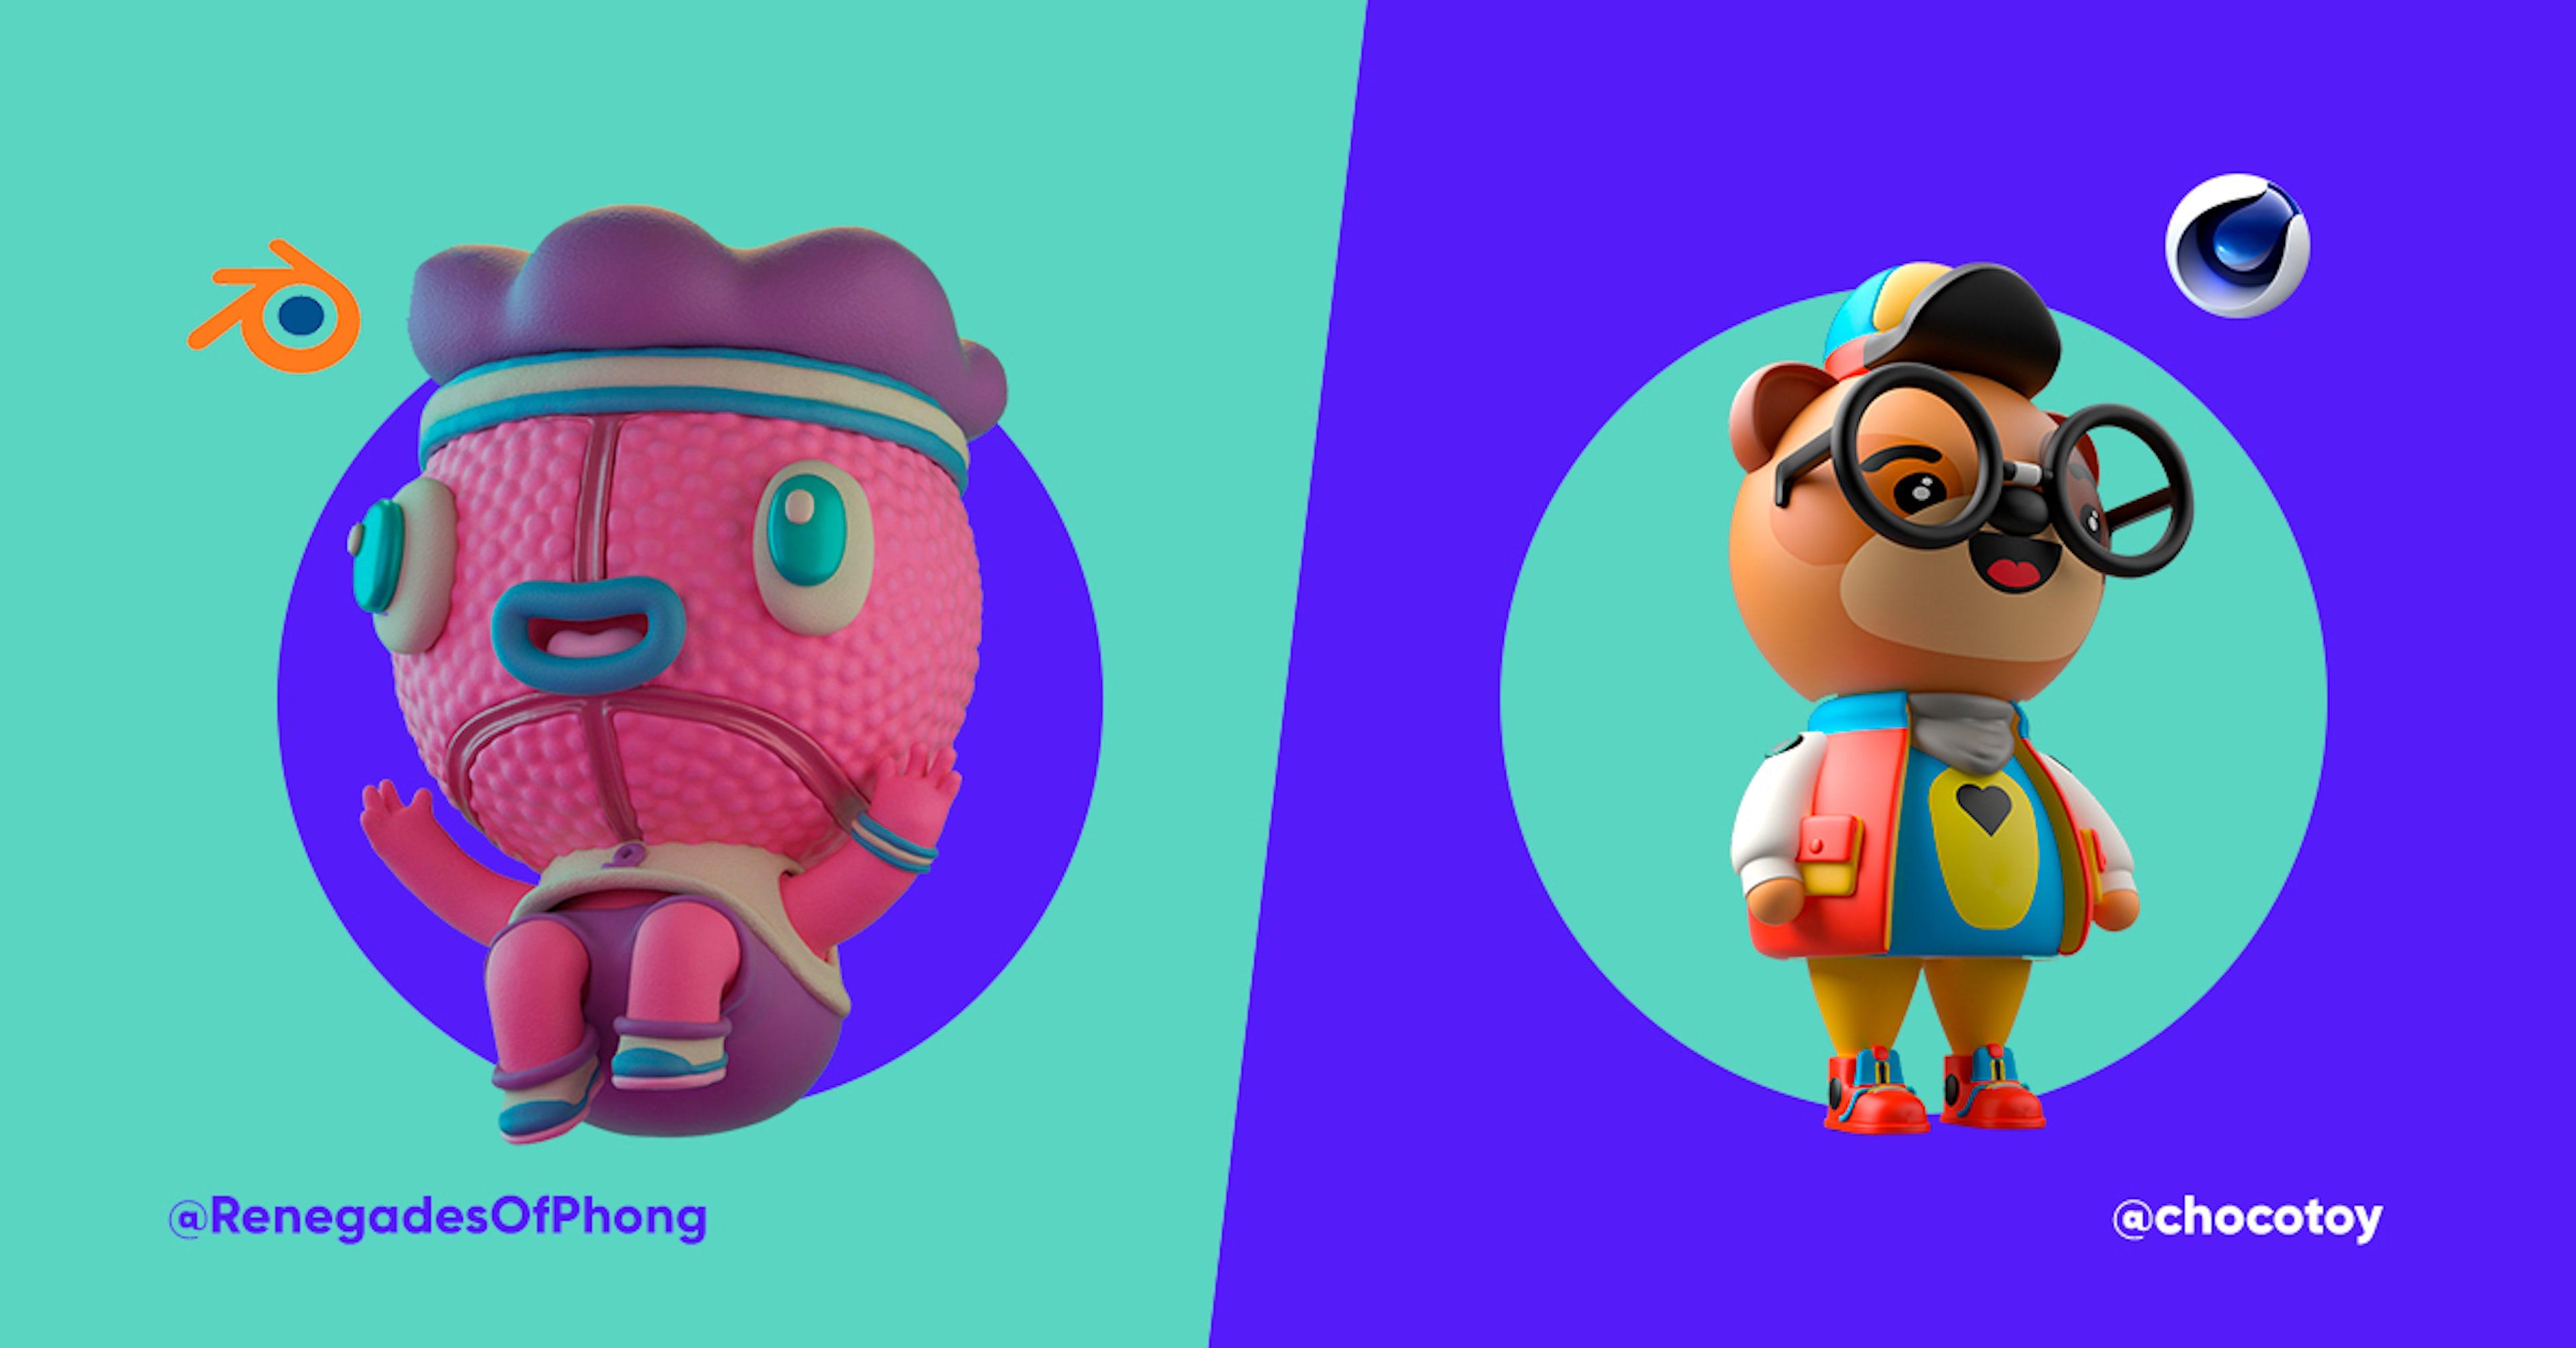 Comparação de programas: Cinema 4D Vs Blender